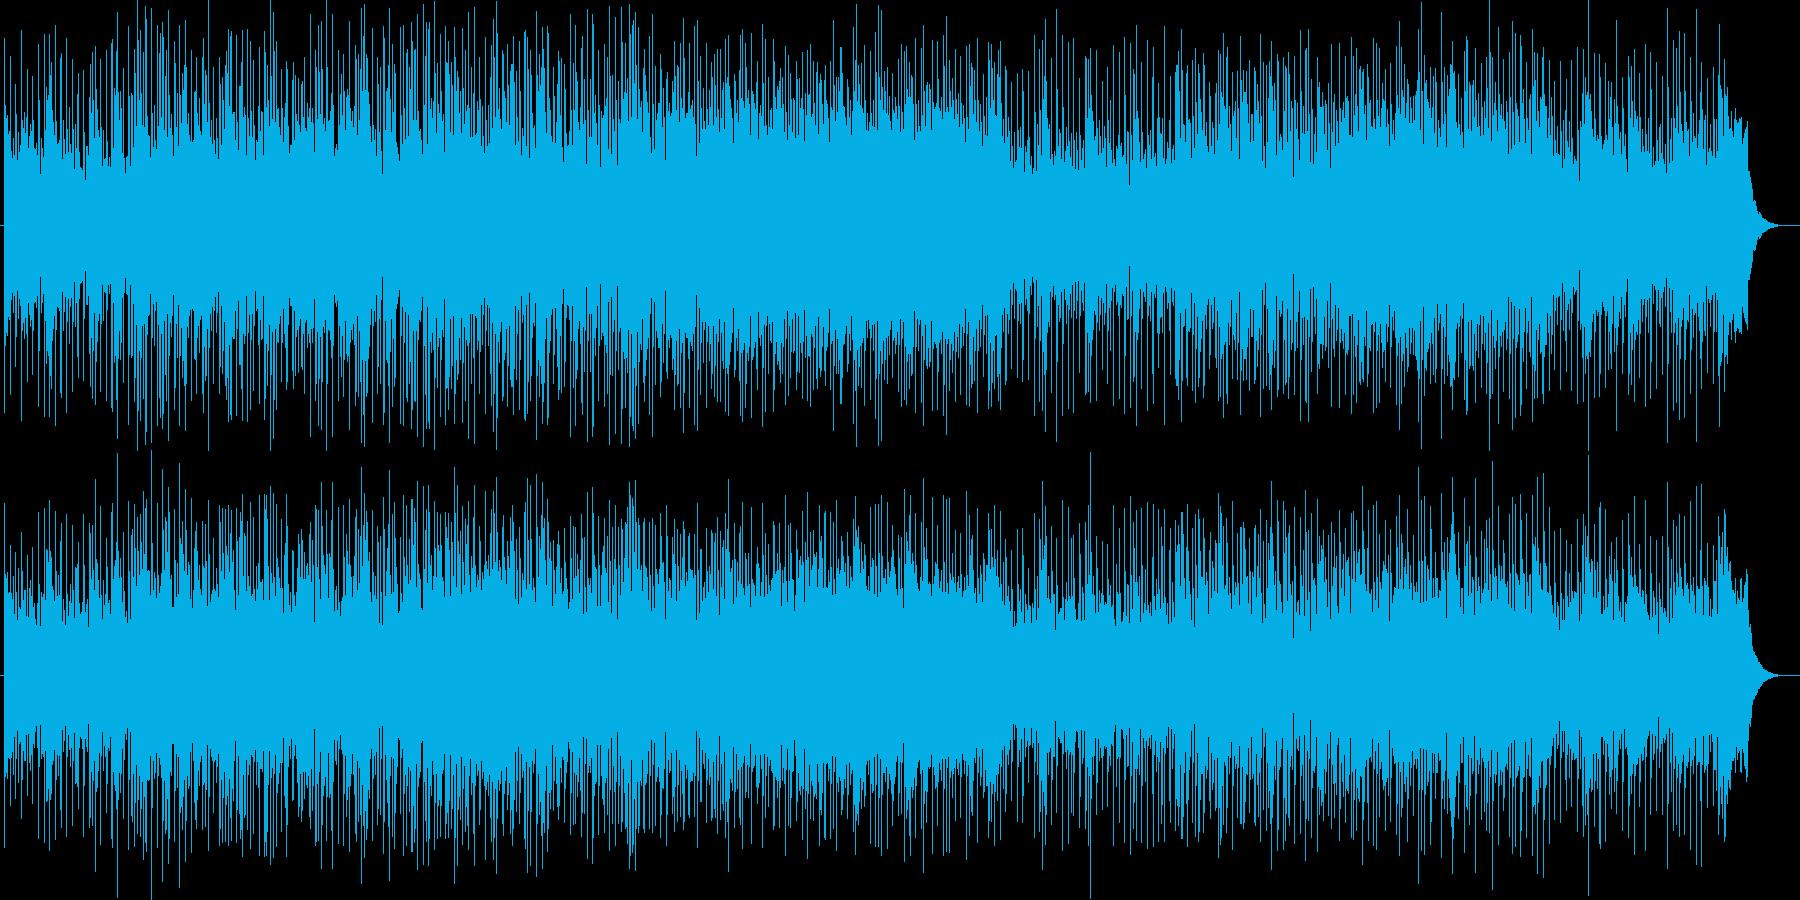 力強く優雅なシンセサイザーポップの再生済みの波形